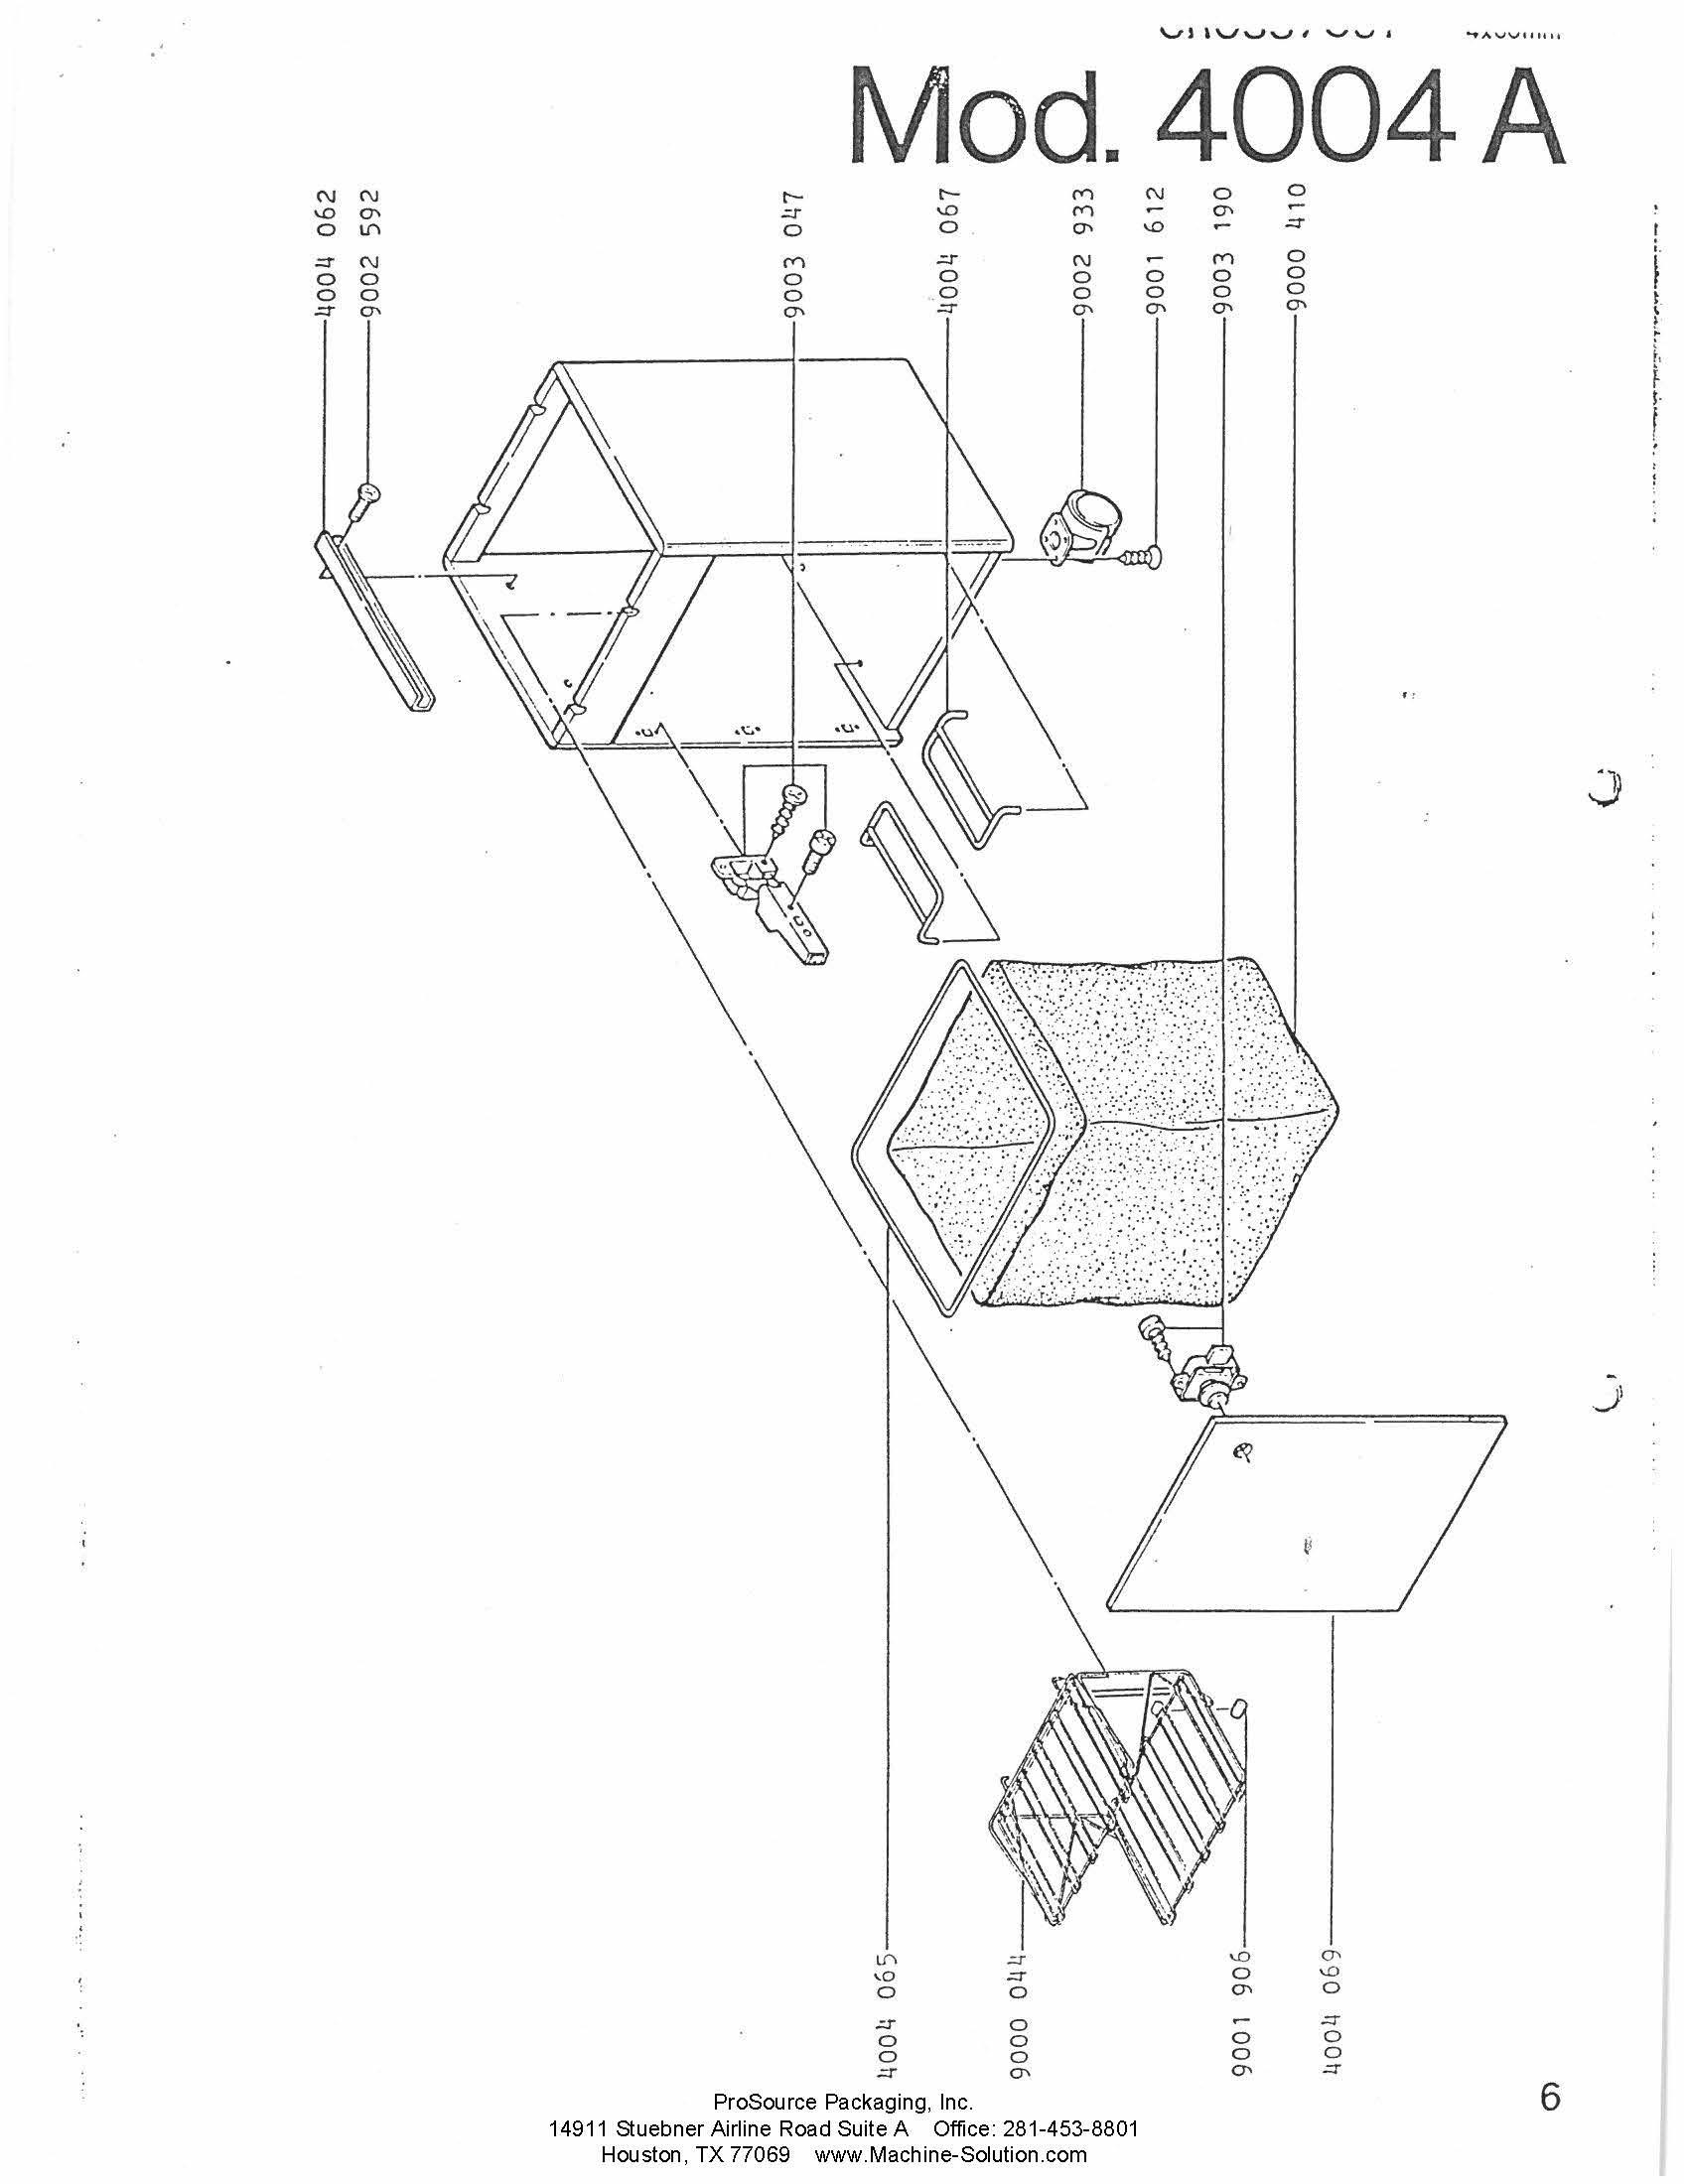 parts assistant mbm destroyit 4004 cc a 4x60mm LEED Building Diagram page 6